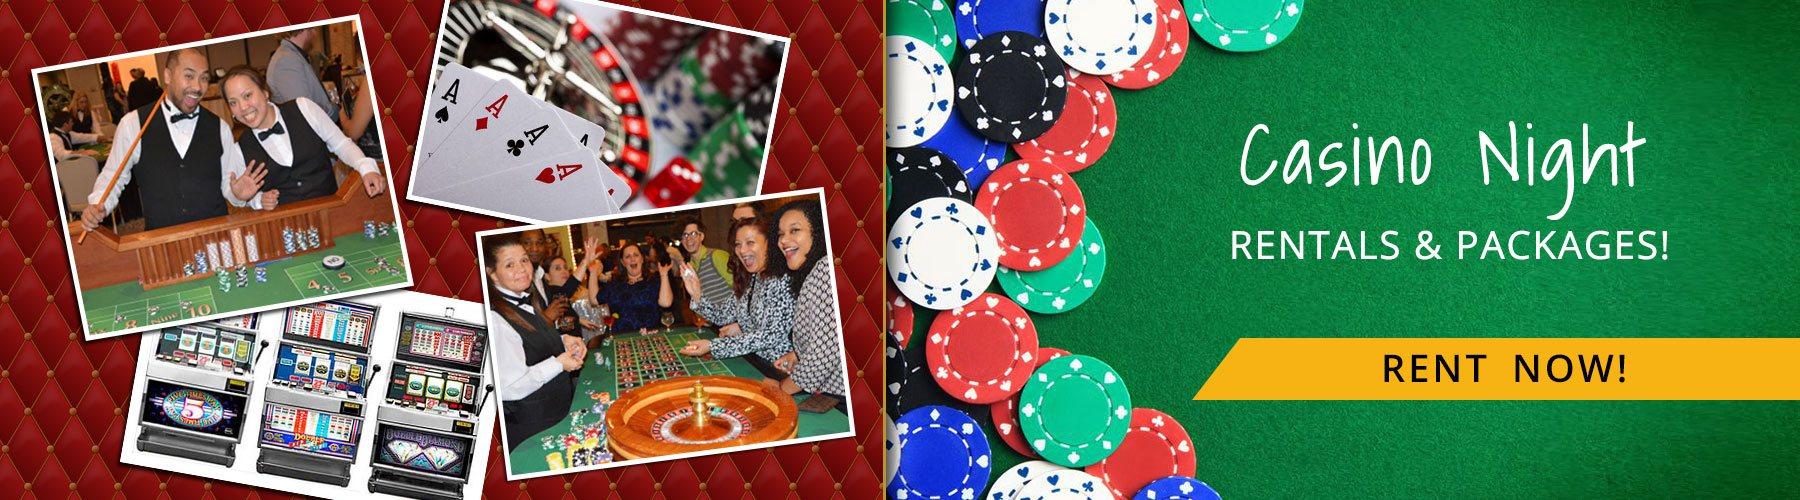 Gambling makes me happy